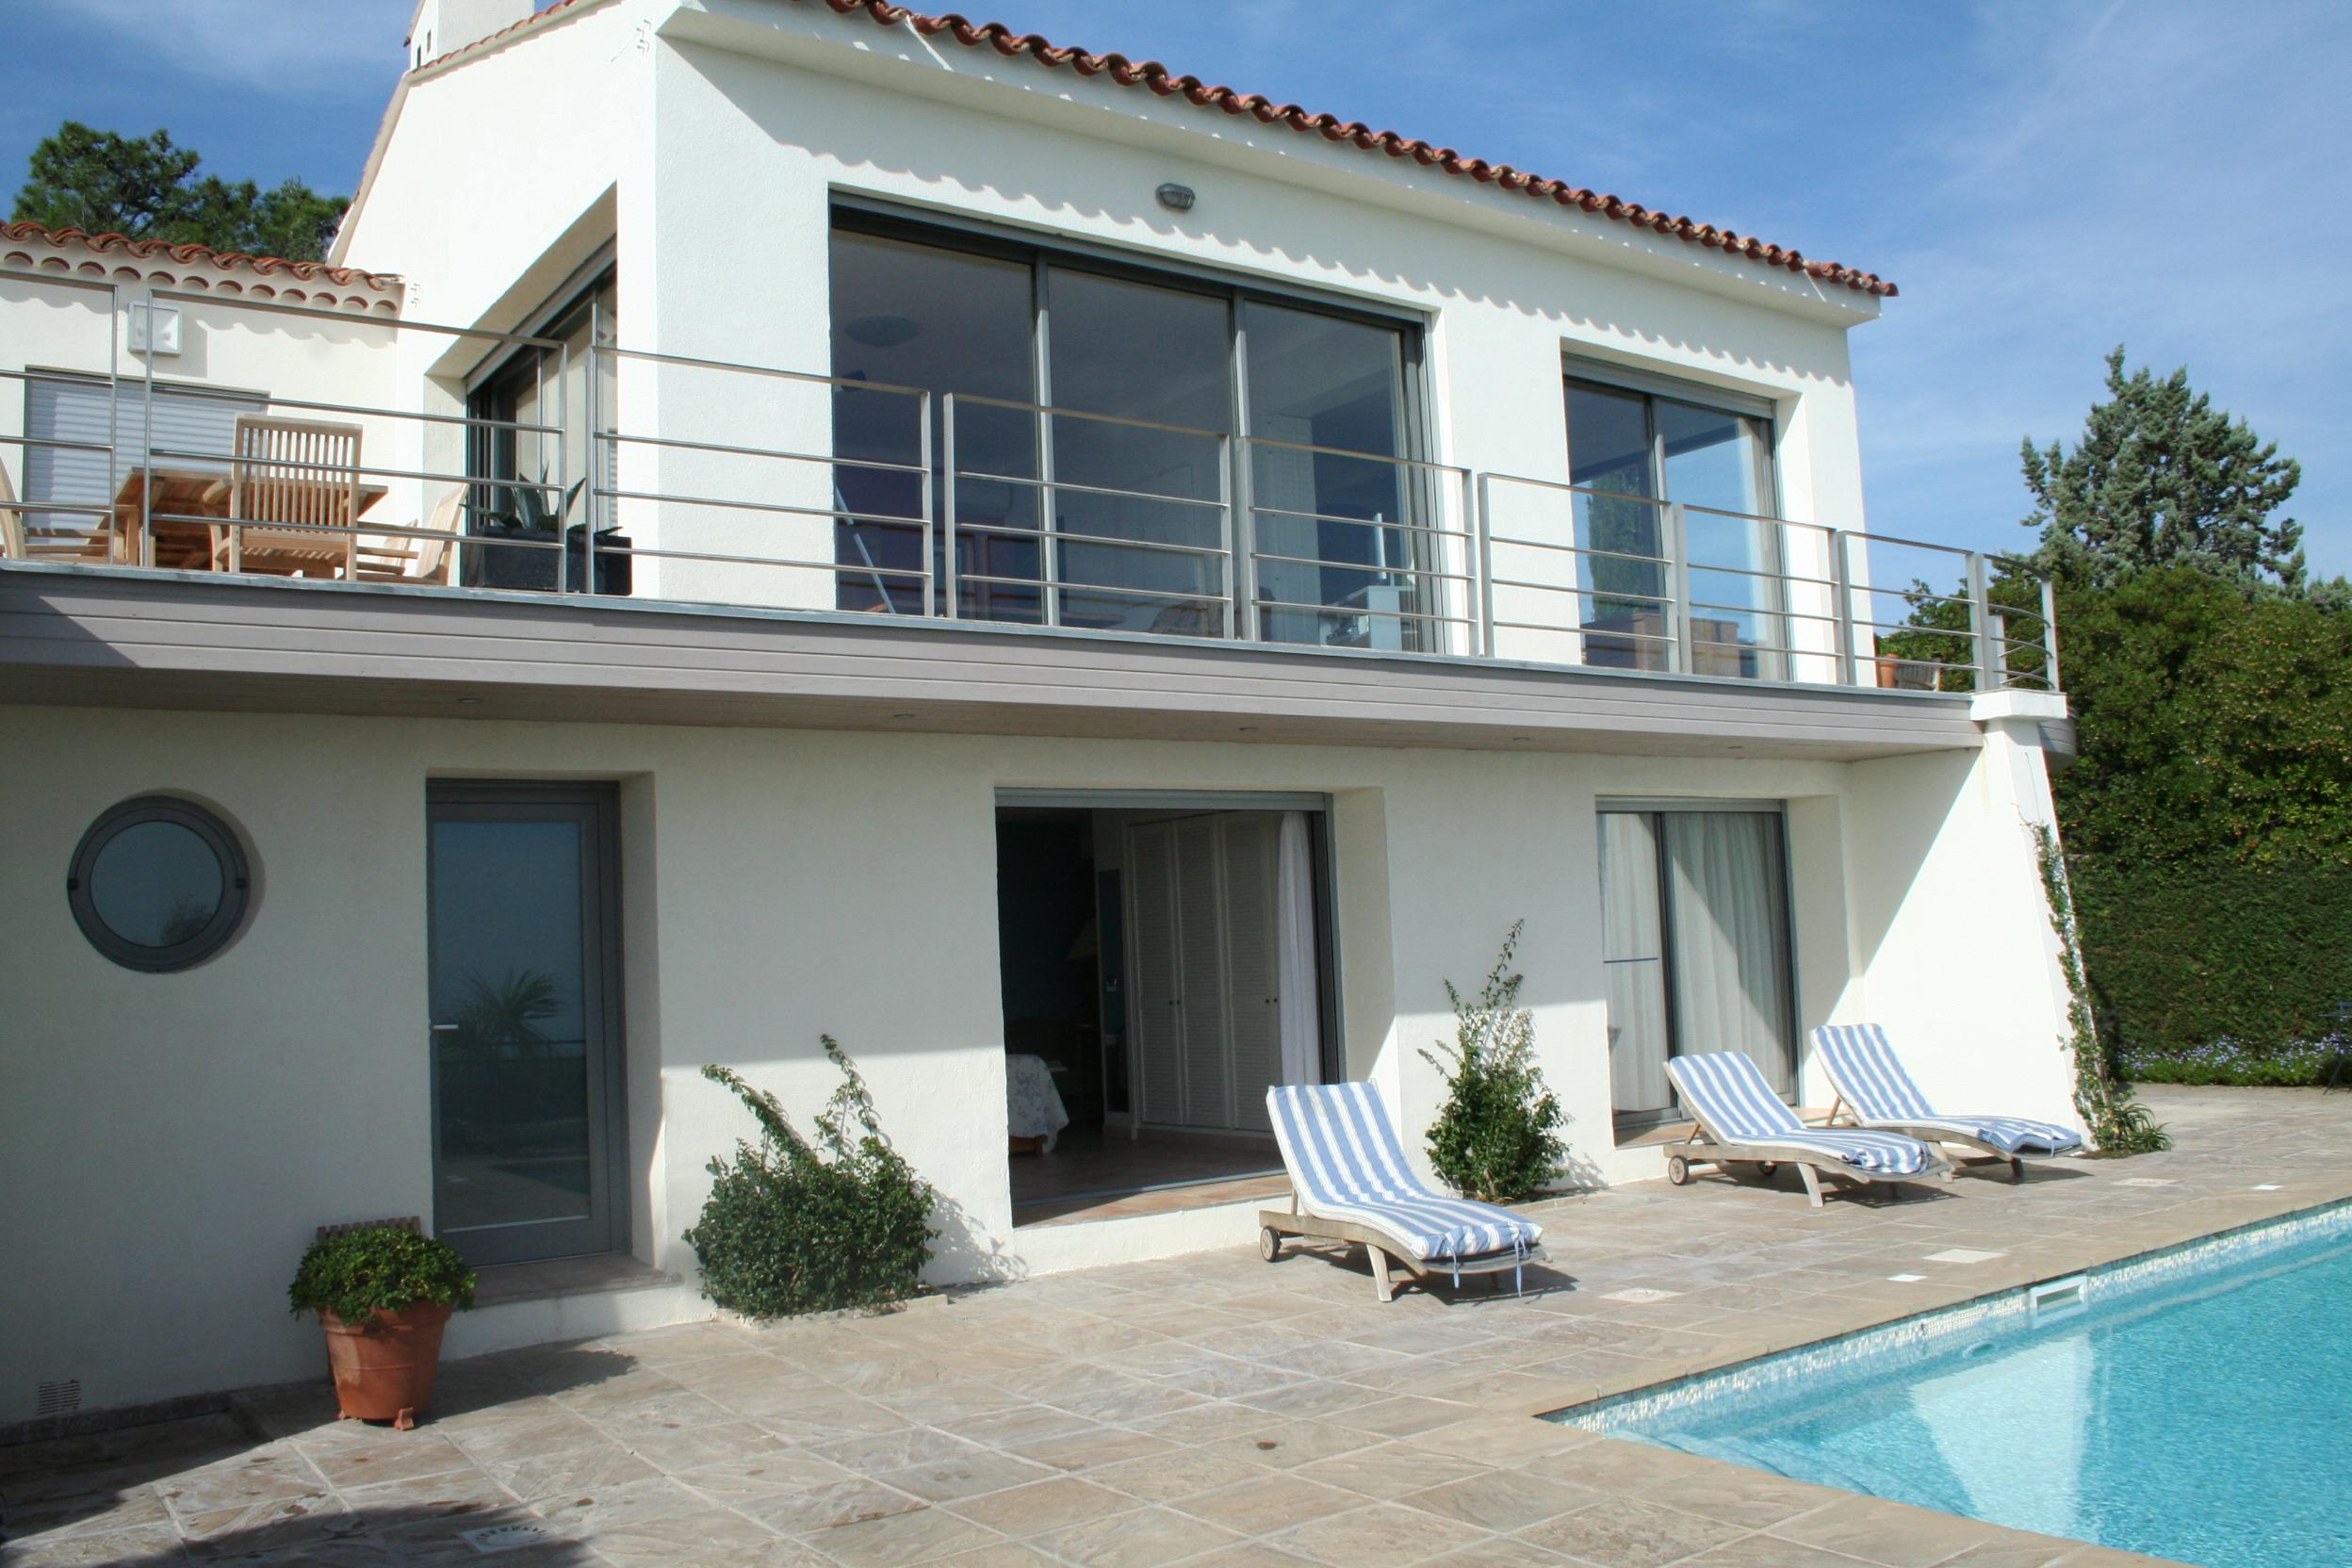 architecte joel lecouturier villa les issambres